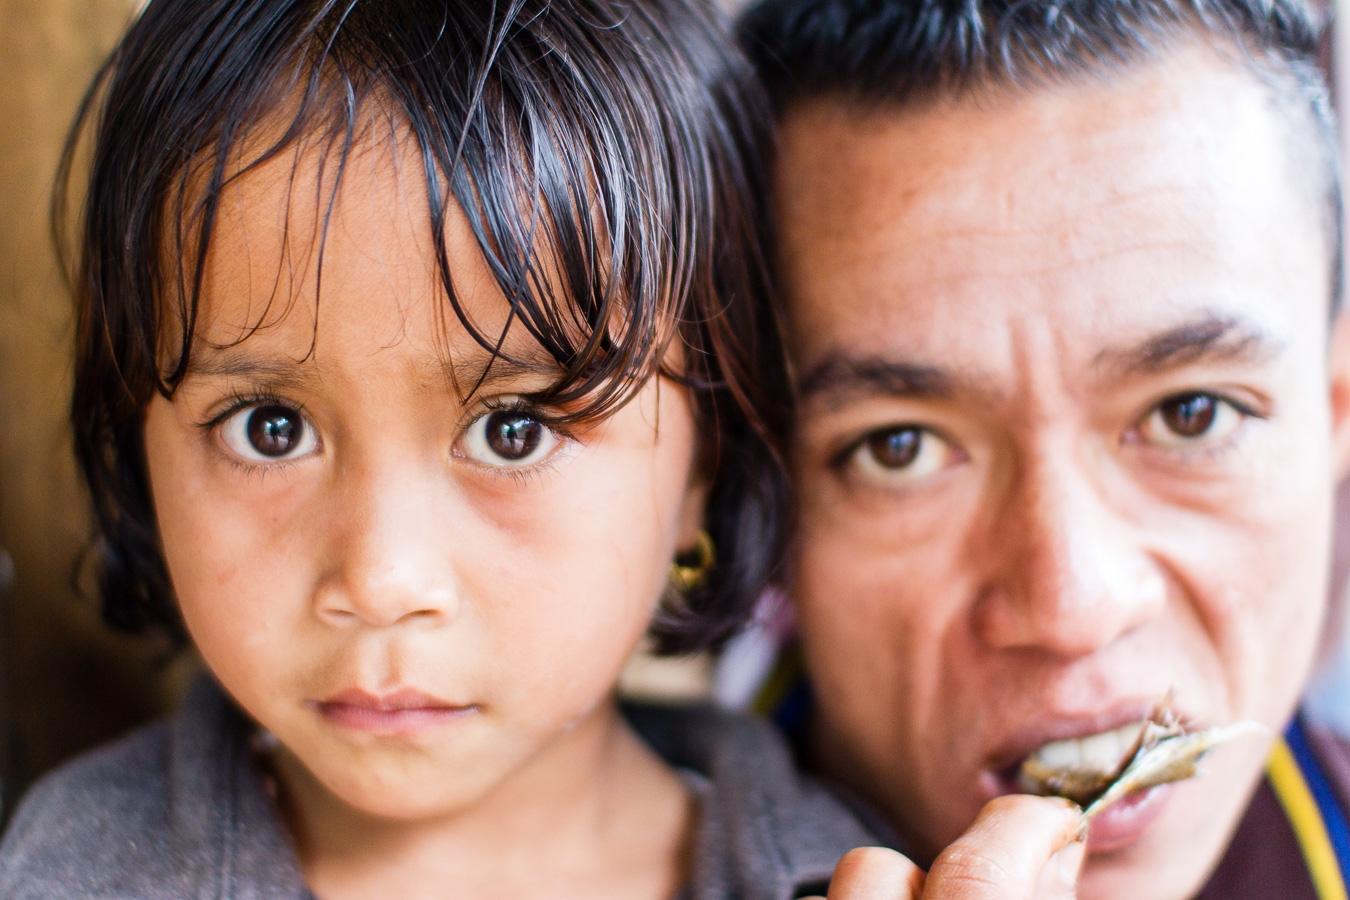 Photographie de voyage - un père et sa fille, portrait, Indonésie